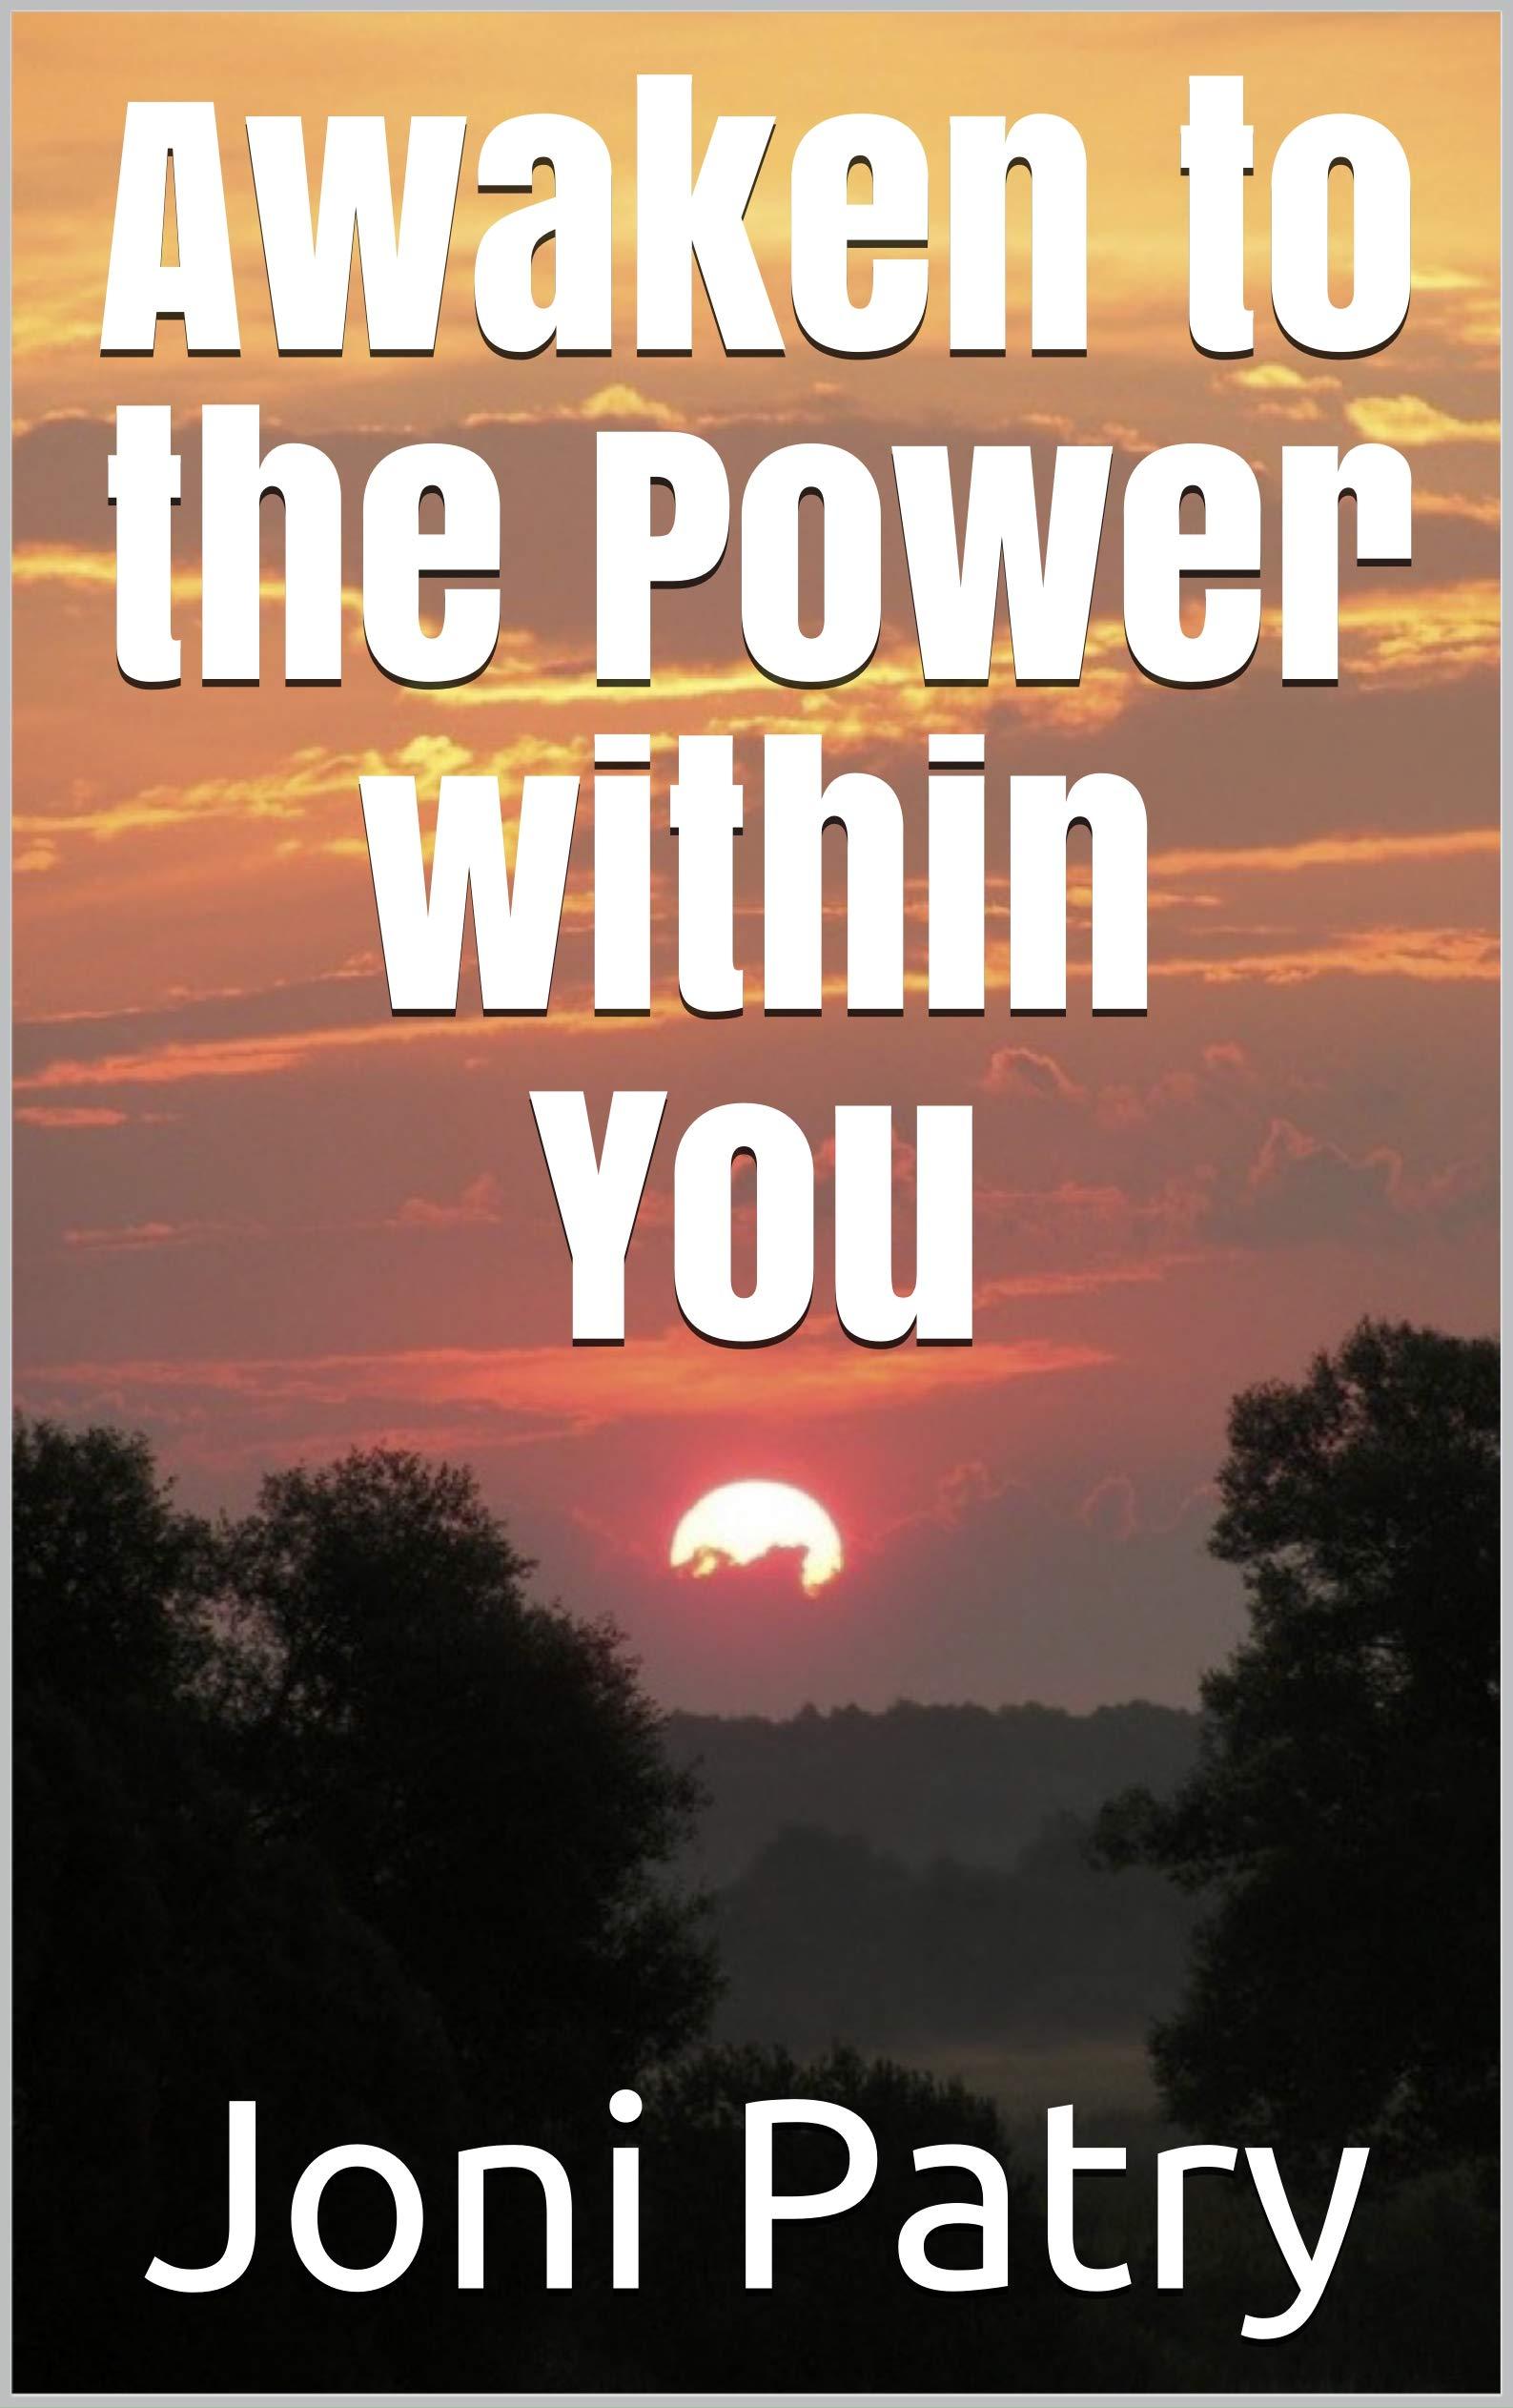 Awaken to the Power within You